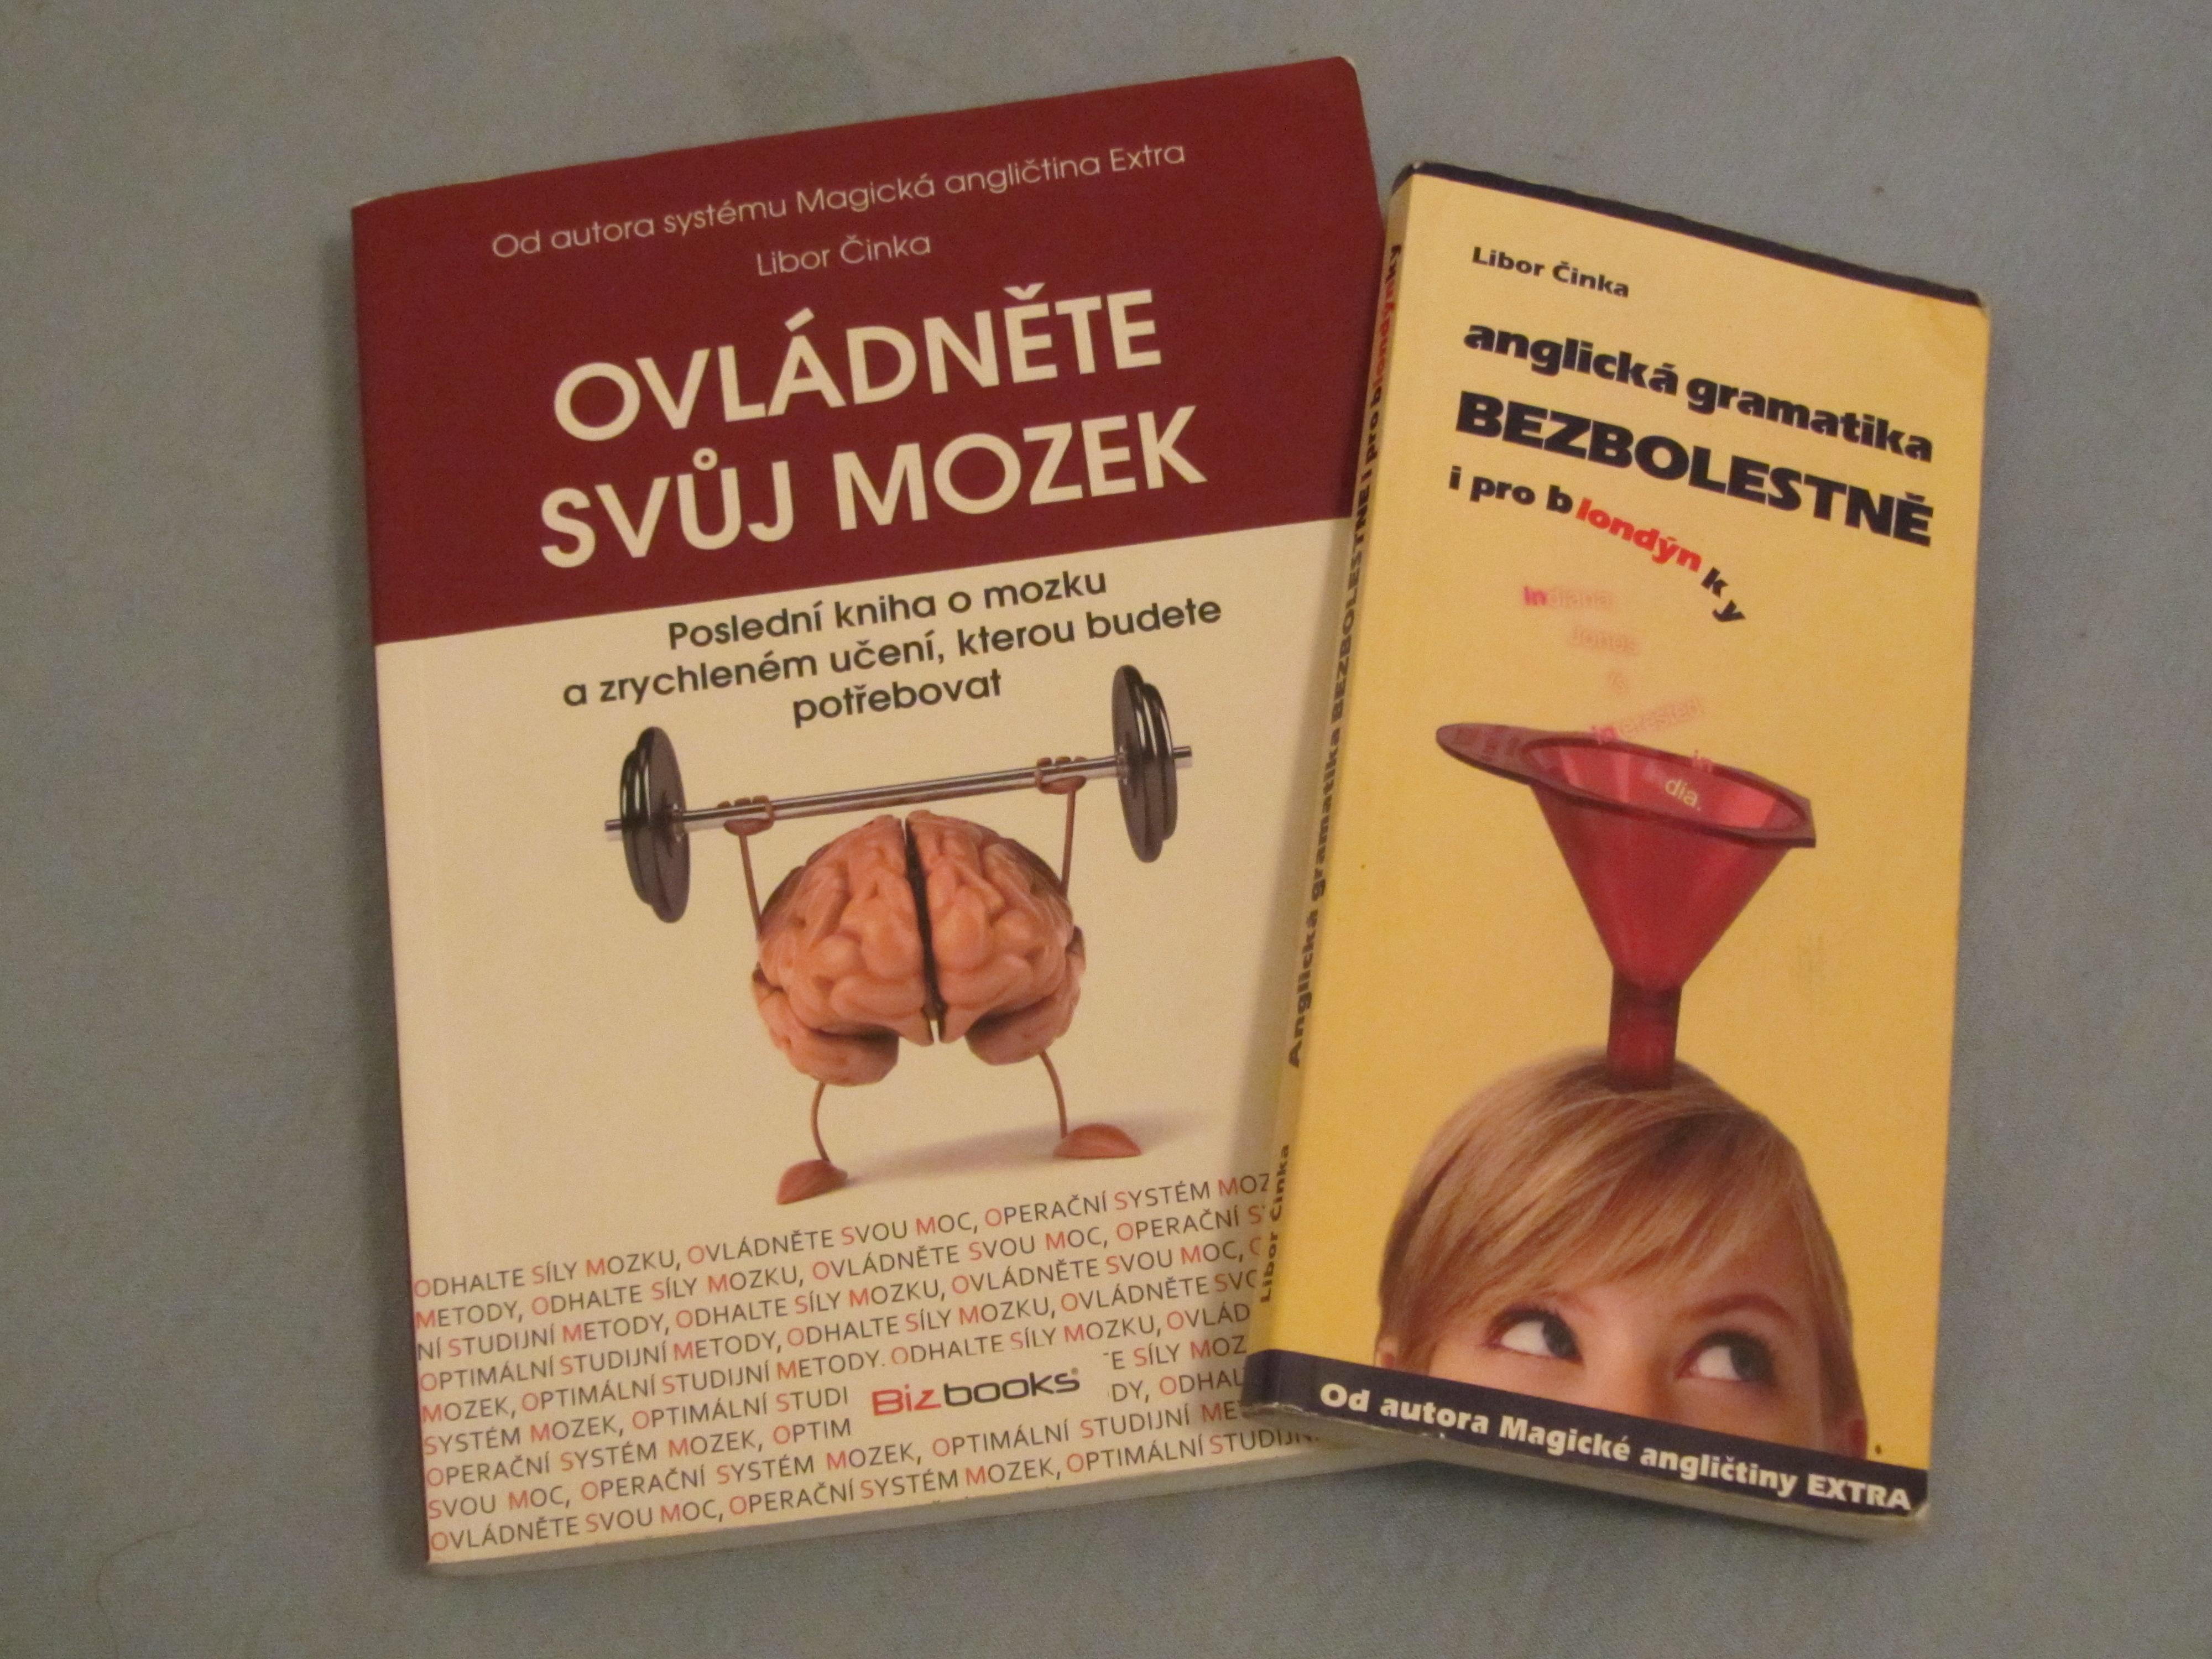 Ovladnete Svuj Mozek Ebook